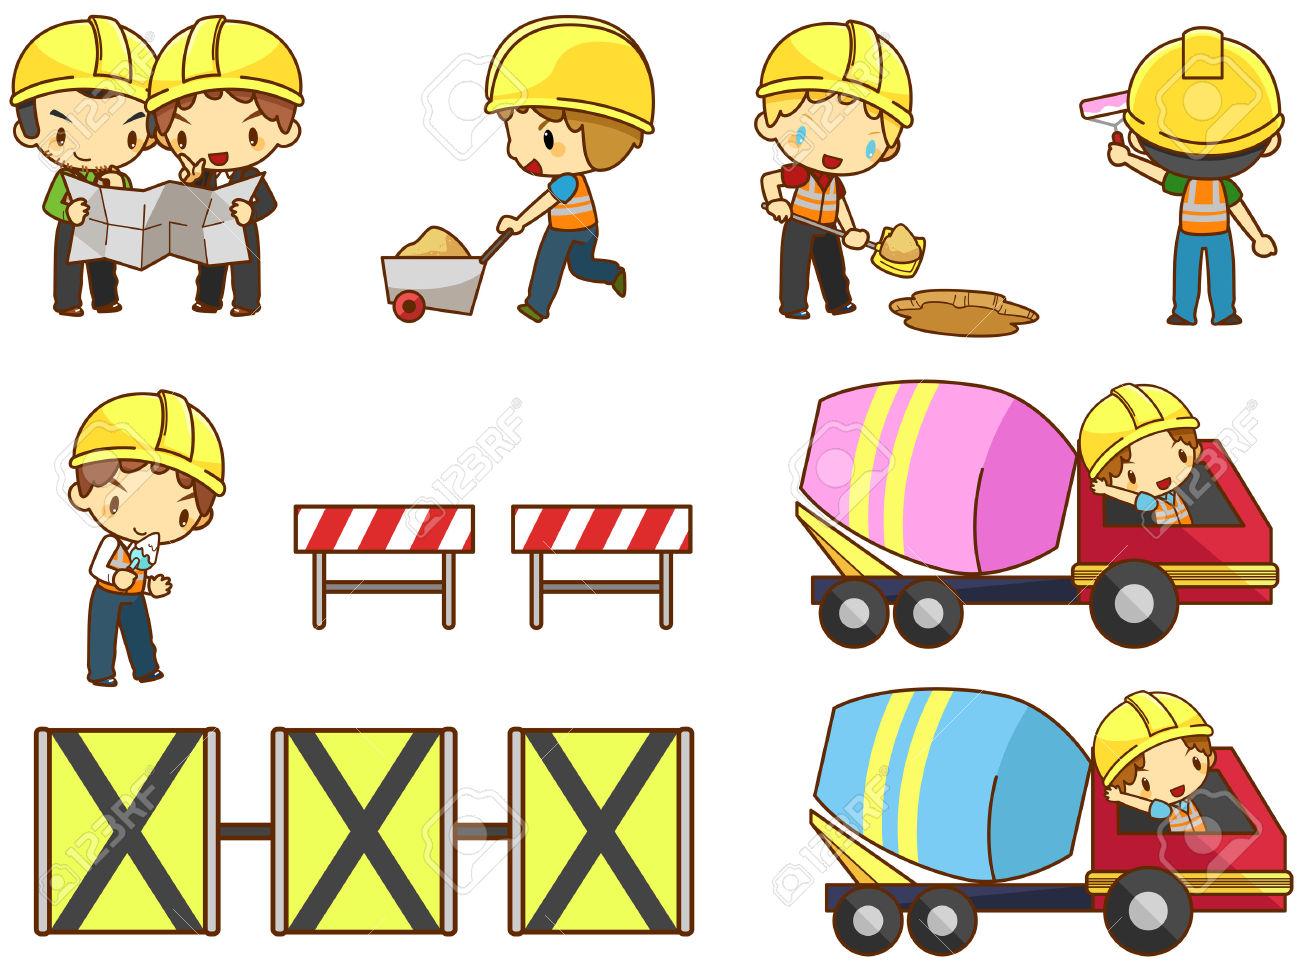 Cartoon Children Engineer, Technician, And Labor Worker Working.